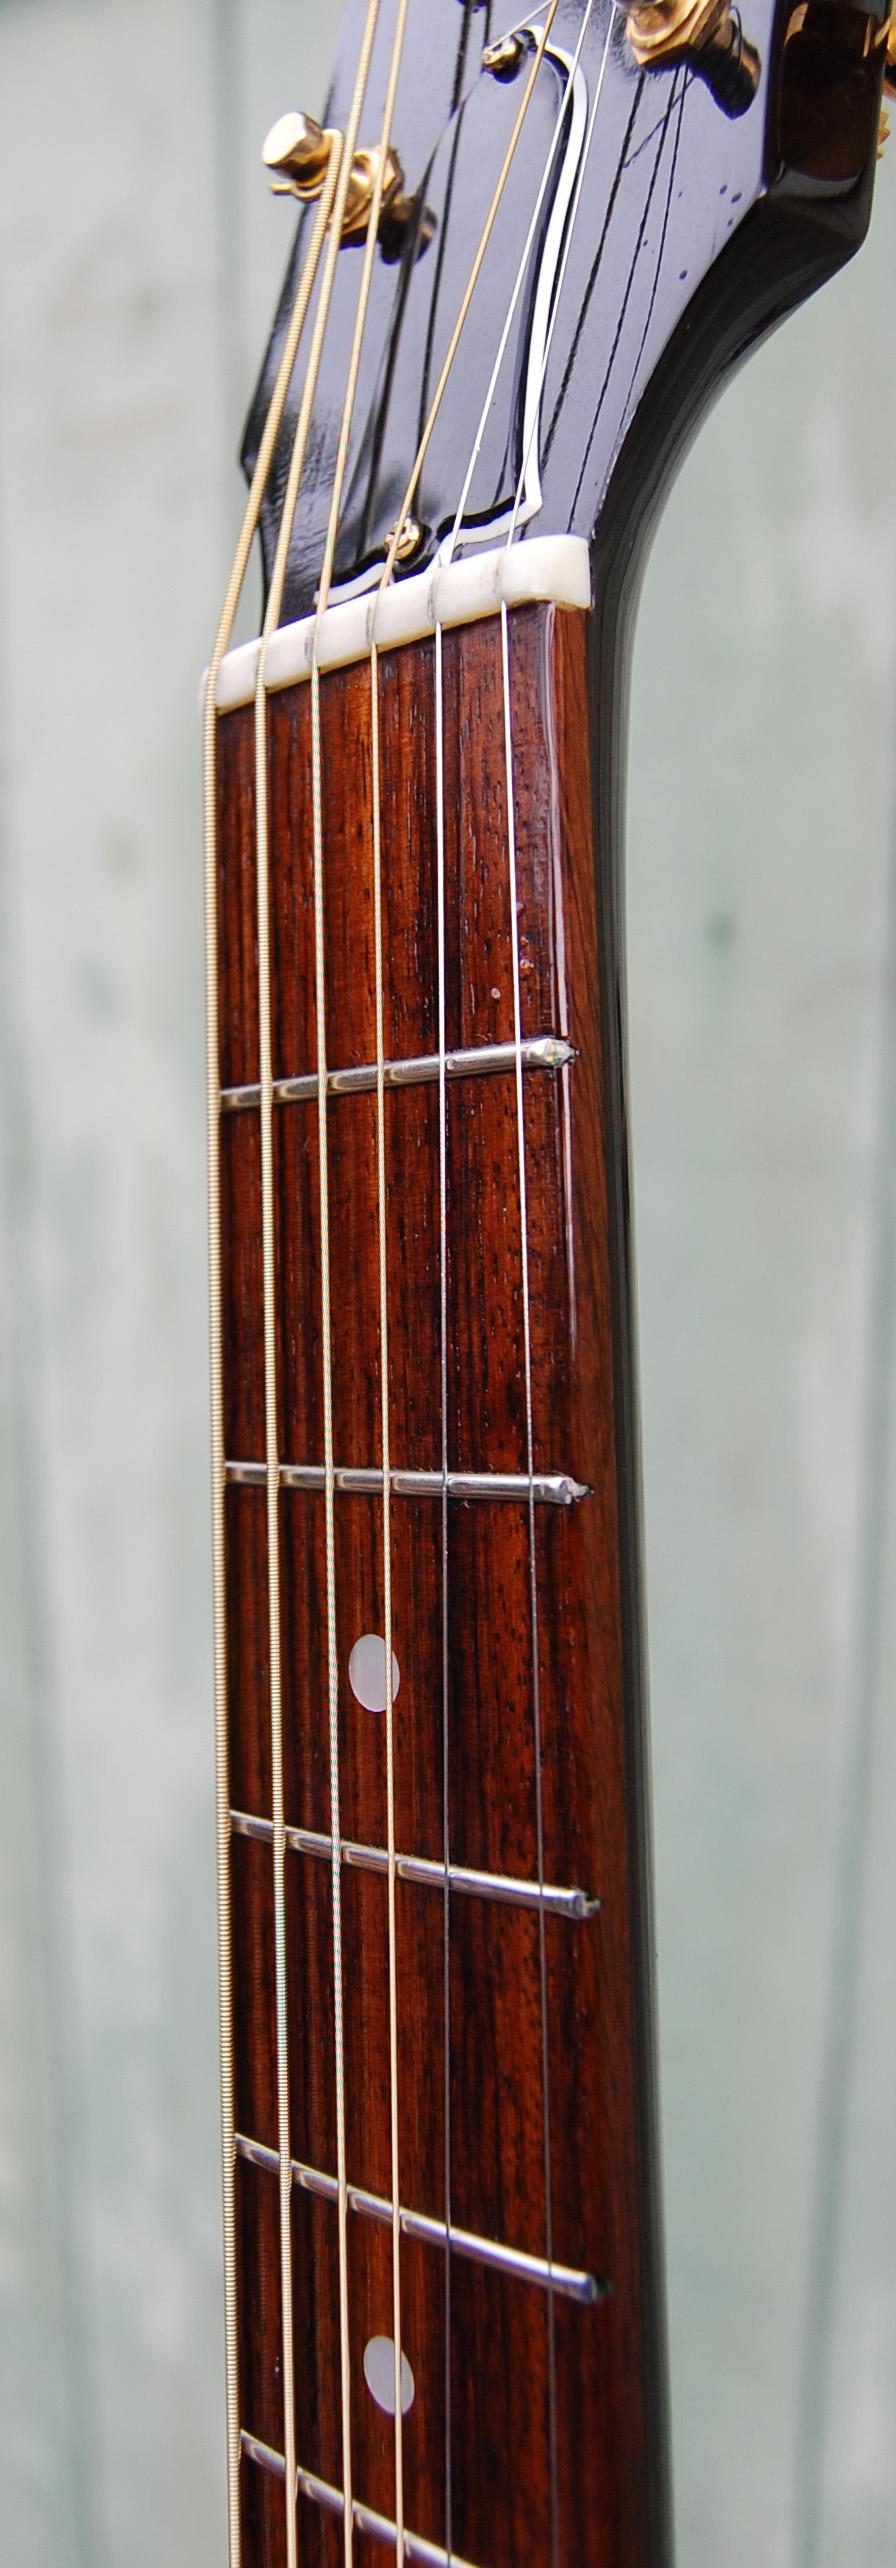 2007 j45 frets